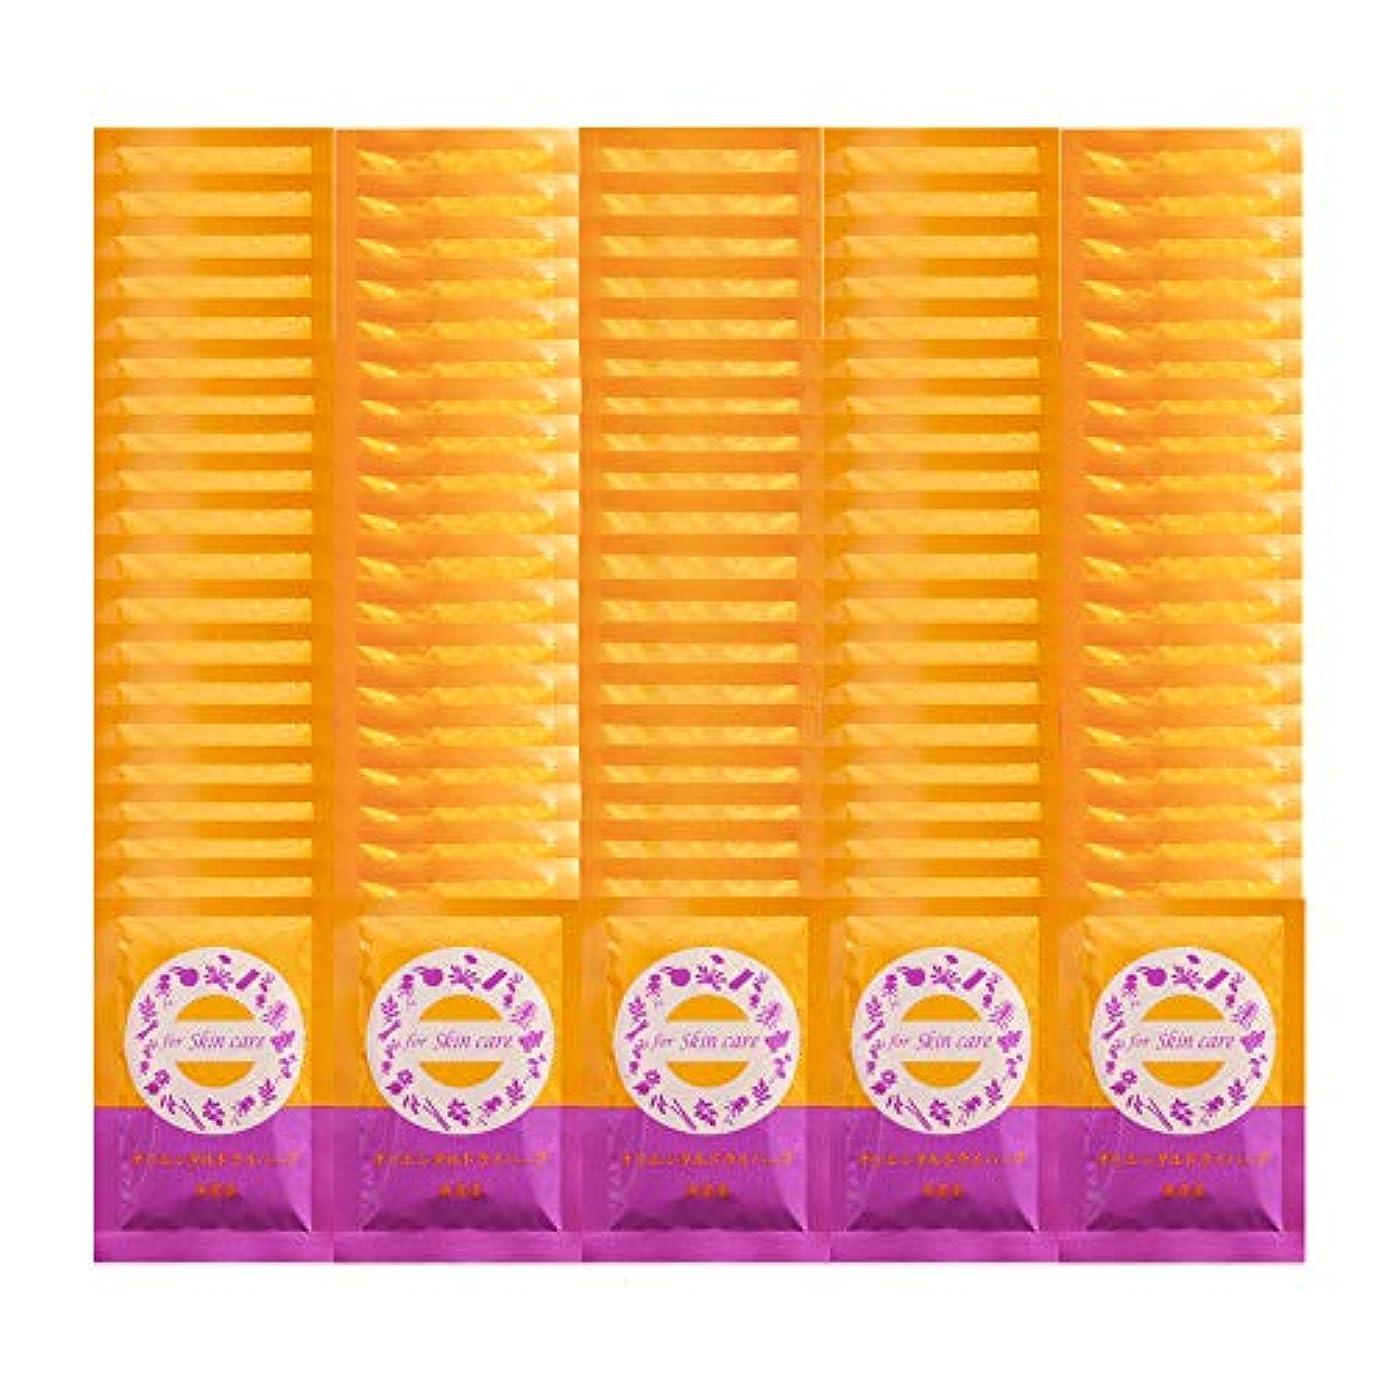 ボウルメールを書く意識的韓方座浴剤 100包 セット ファンジン (皮膚美容用100包)